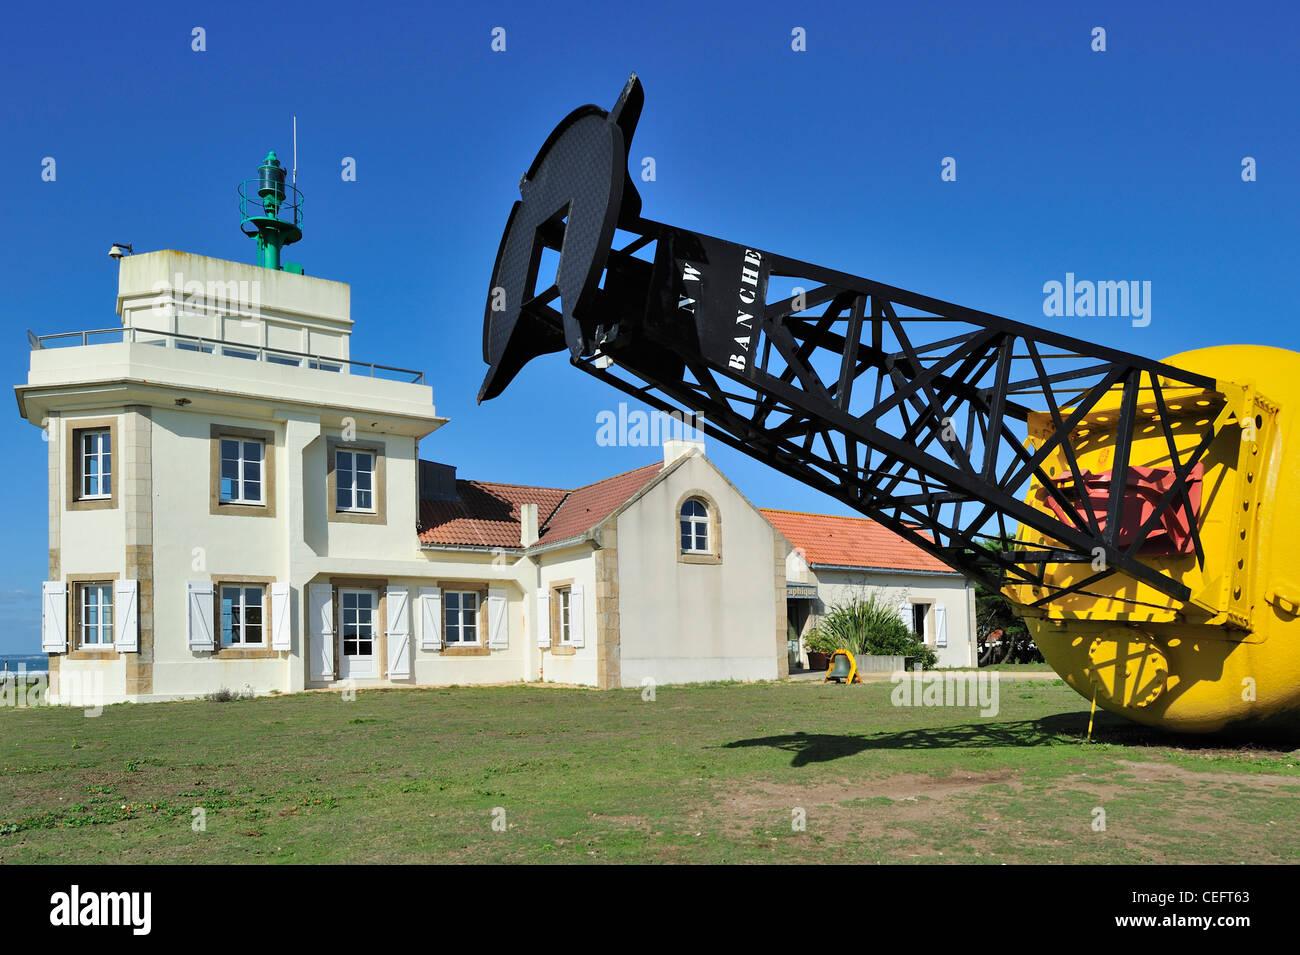 Semaphore / Lighthouse and buoy at the Pointe Saint-Gildas / Saint Gildas Point, Loire-Atlantique, France Stock Photo